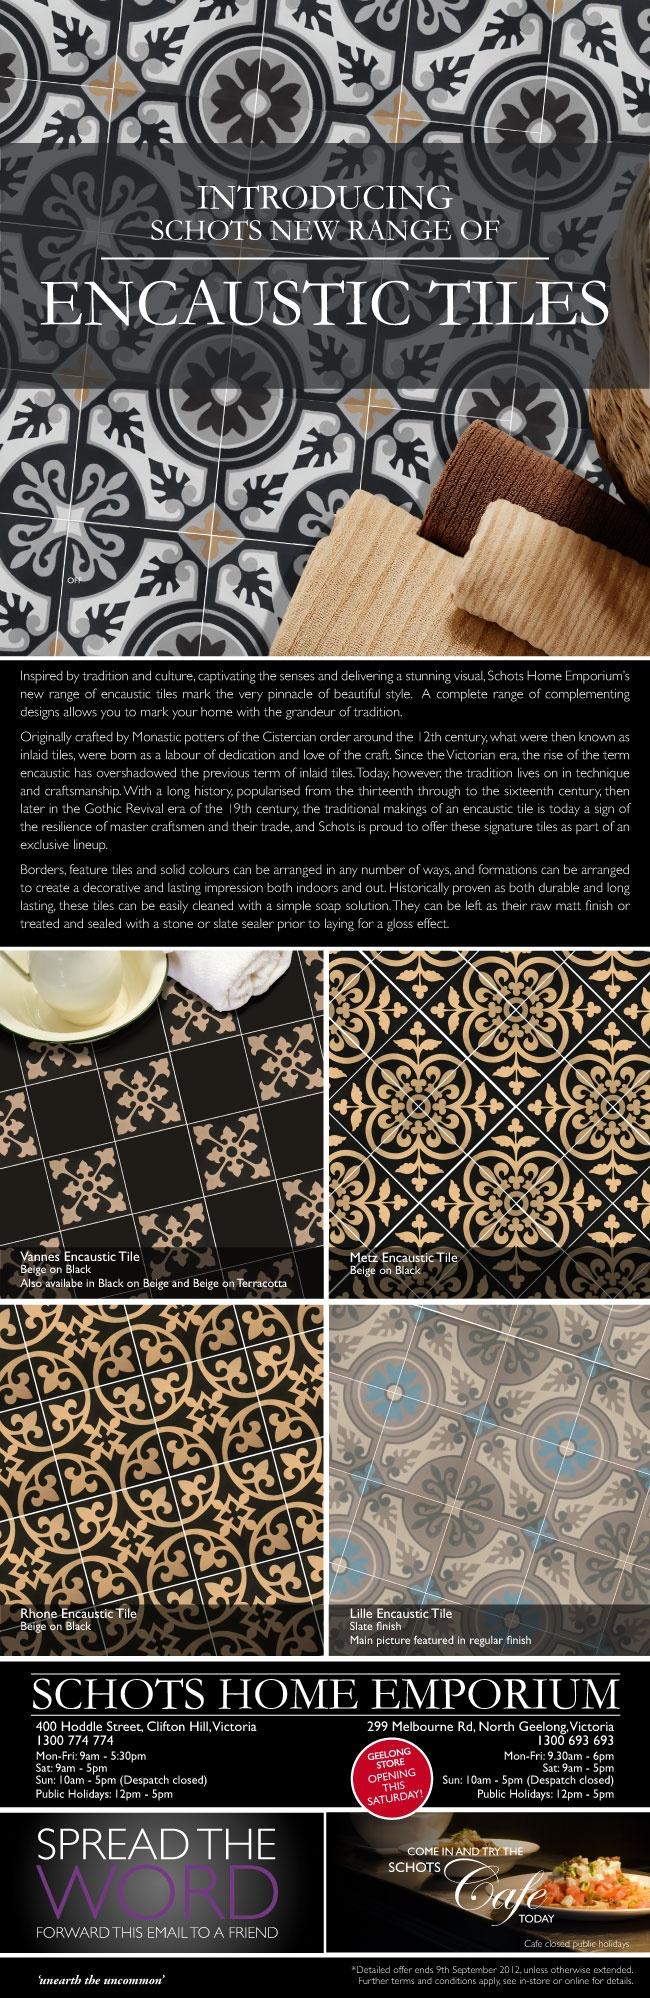 69 Best Images About Tiles On Pinterest Mosaics Ceramic